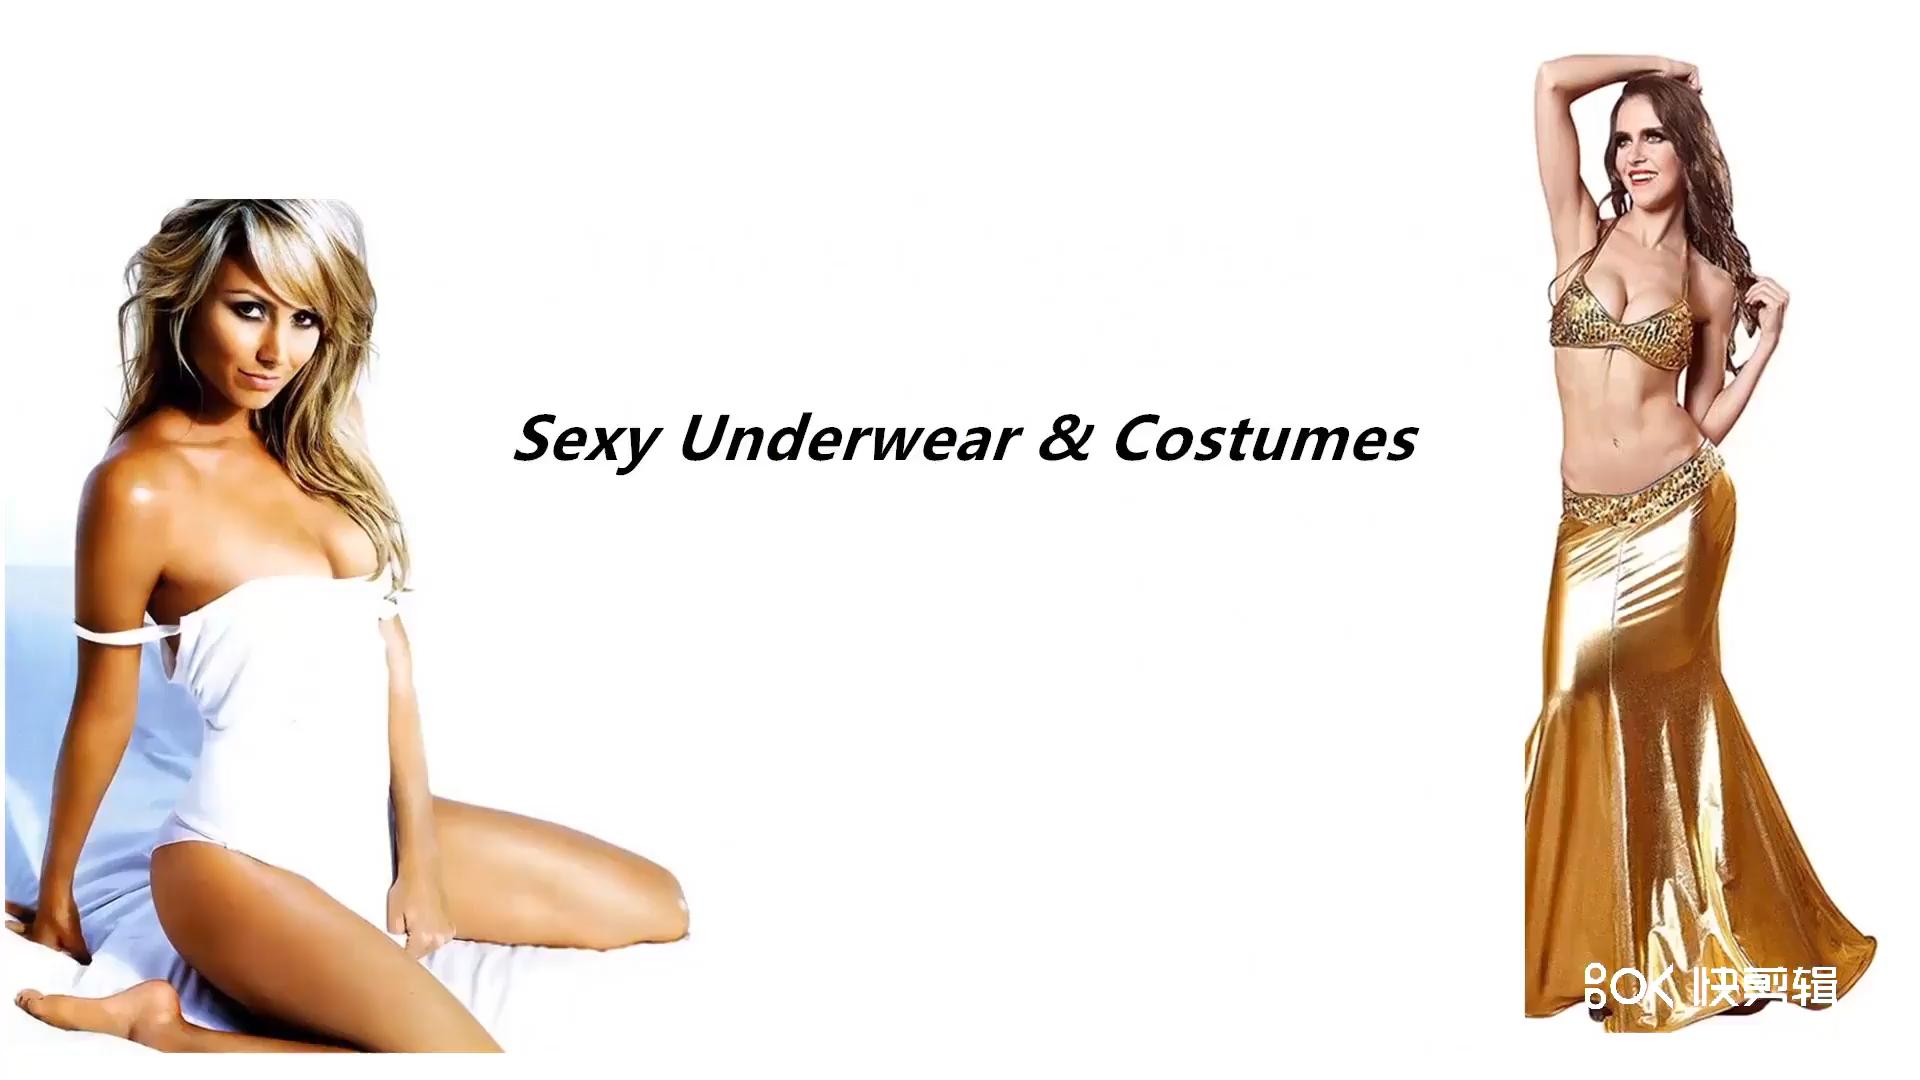 PoeticExst seksi kostüm üniforma günaha artı boyutu seksi iç çamaşırı kadın bayanlar iç çamaşırı seksi kostümleri